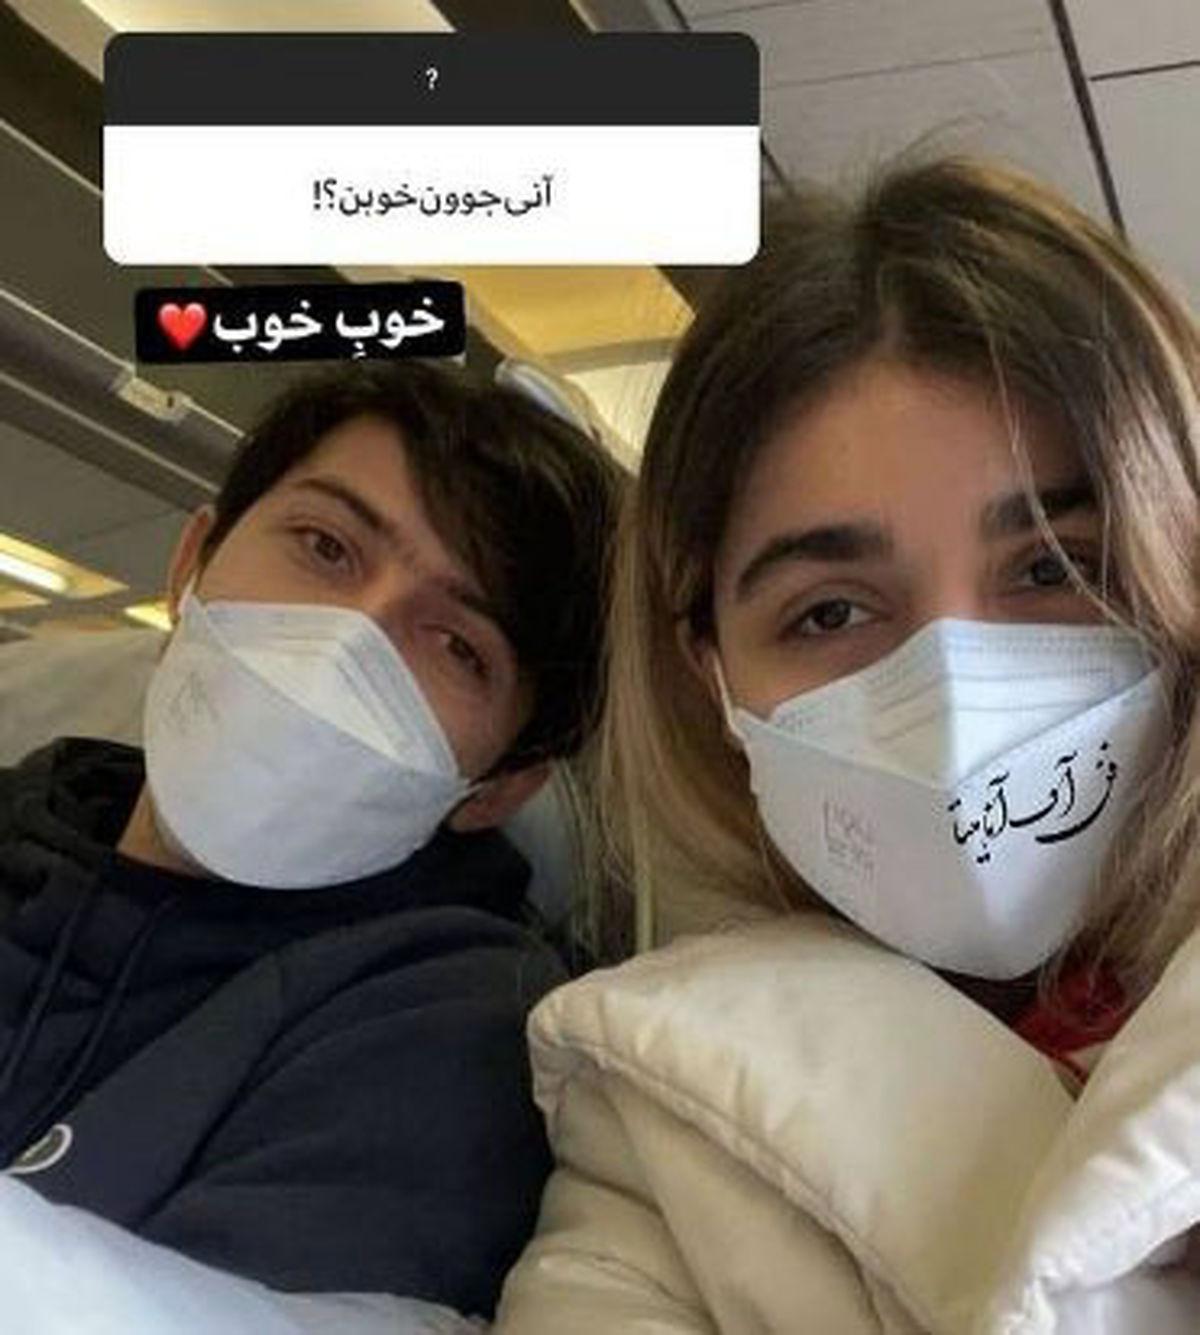 پاساژگردی لاکچری سردار آزمون با همسرش آناهیتا